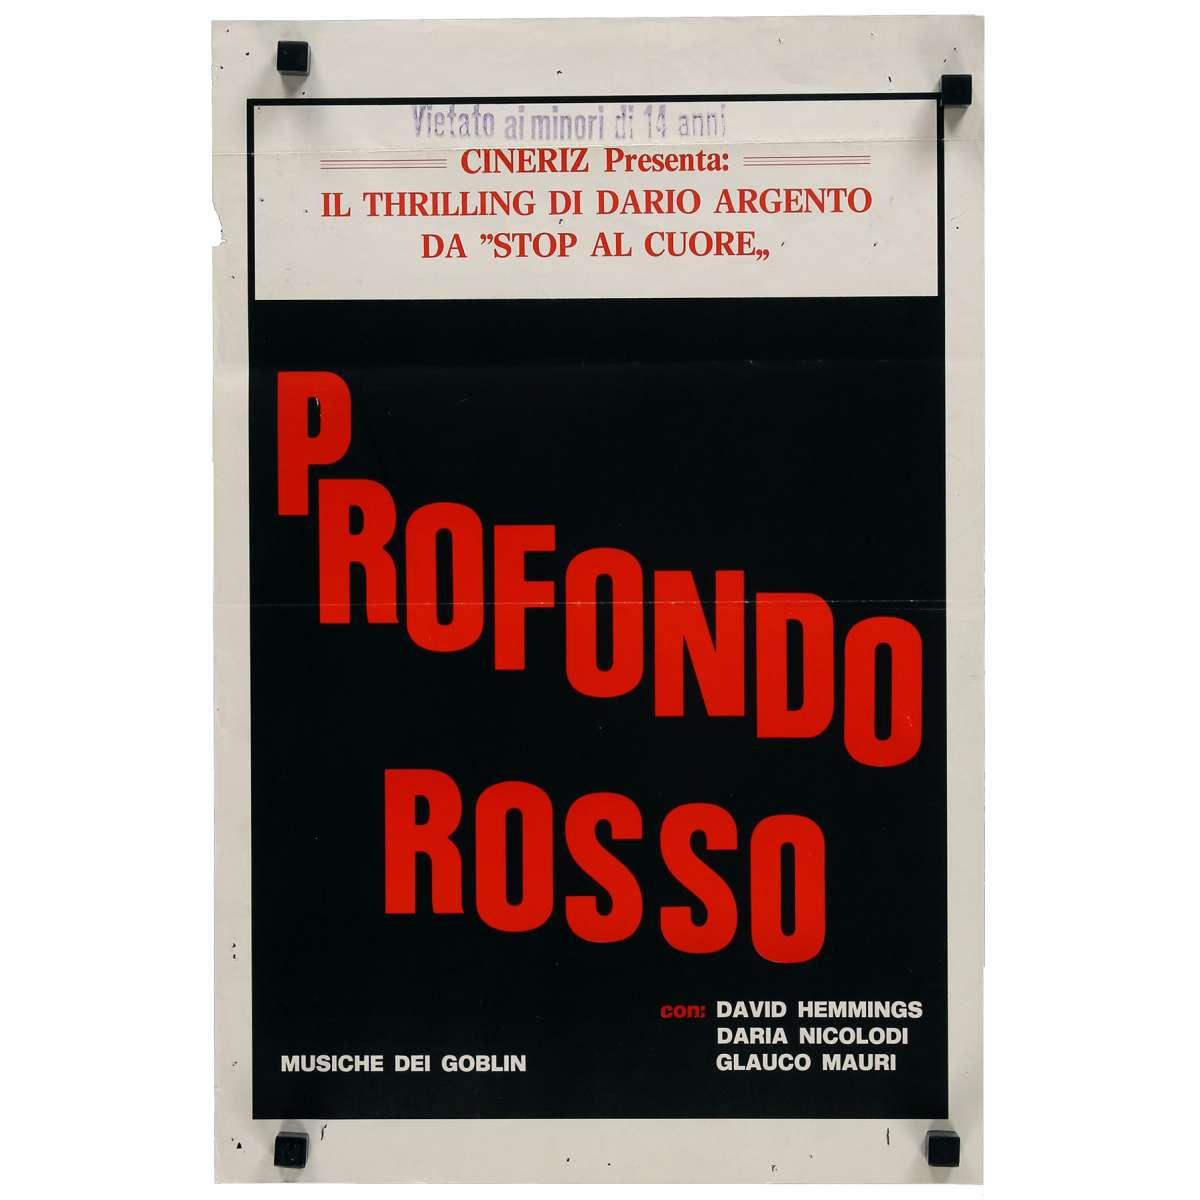 Deep Red Francobolli Profondo Rosso aggrapparsi Stamp 2 x 3 pollici DI PINI D/'INVERNO